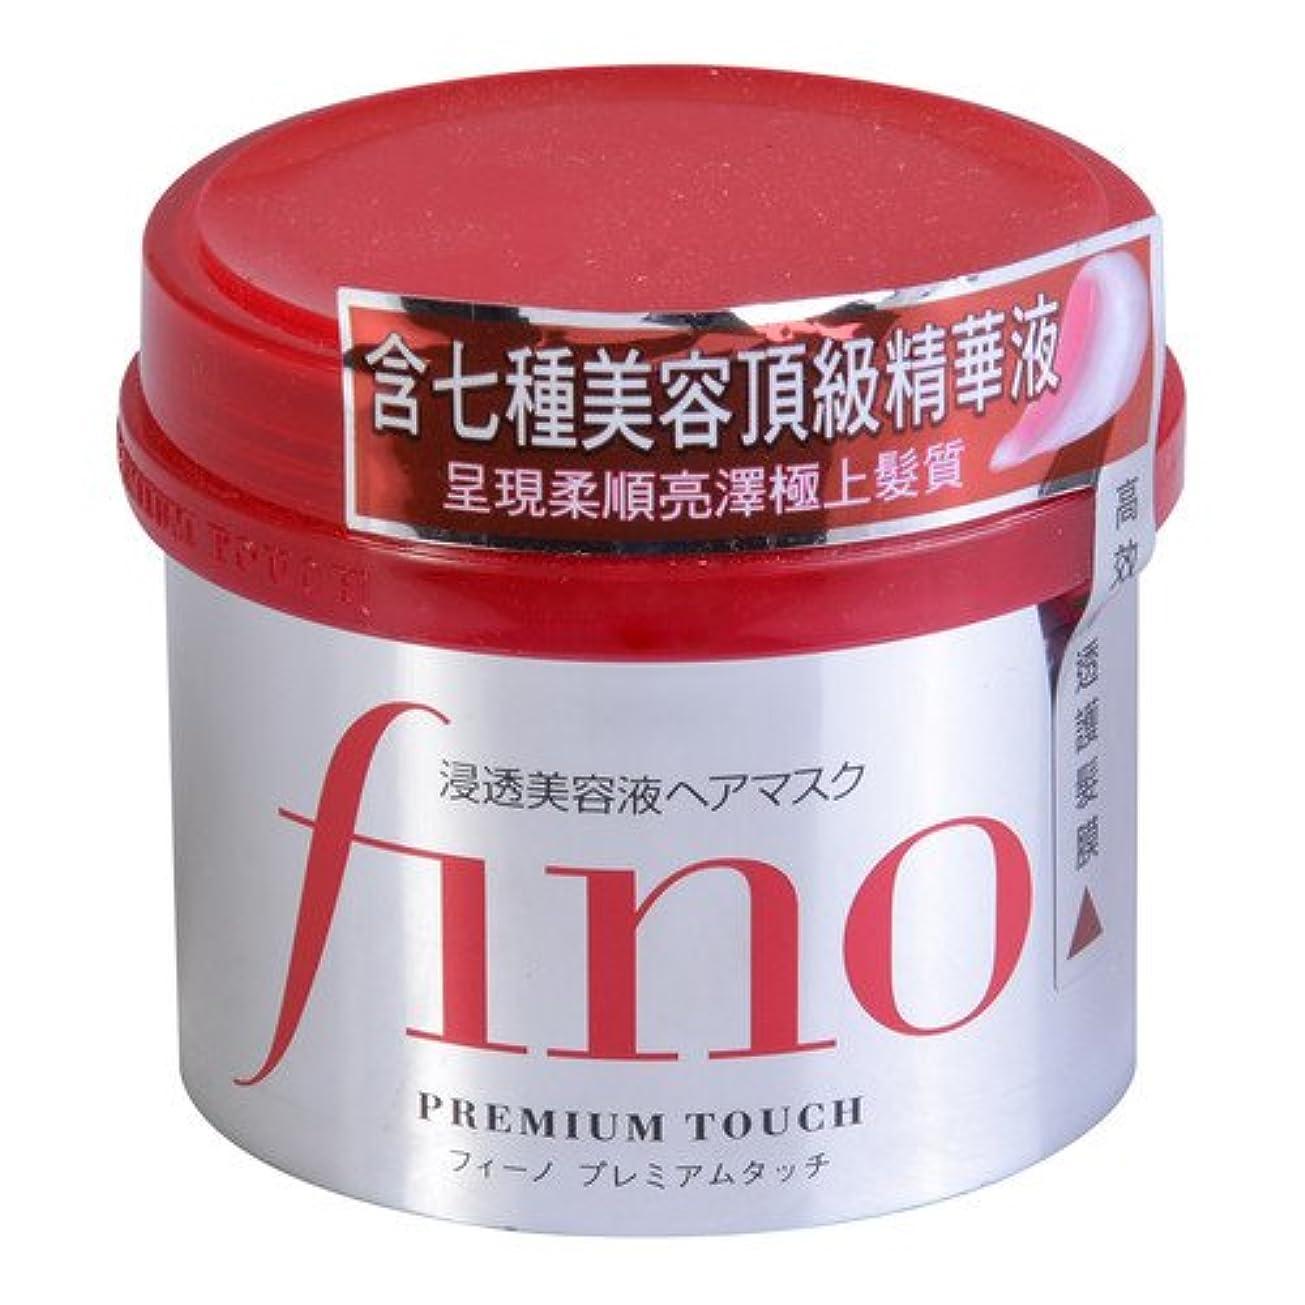 ボード酔う熟練したフィーノ プレミアムタッチ 浸透美容液ヘアマスク230g